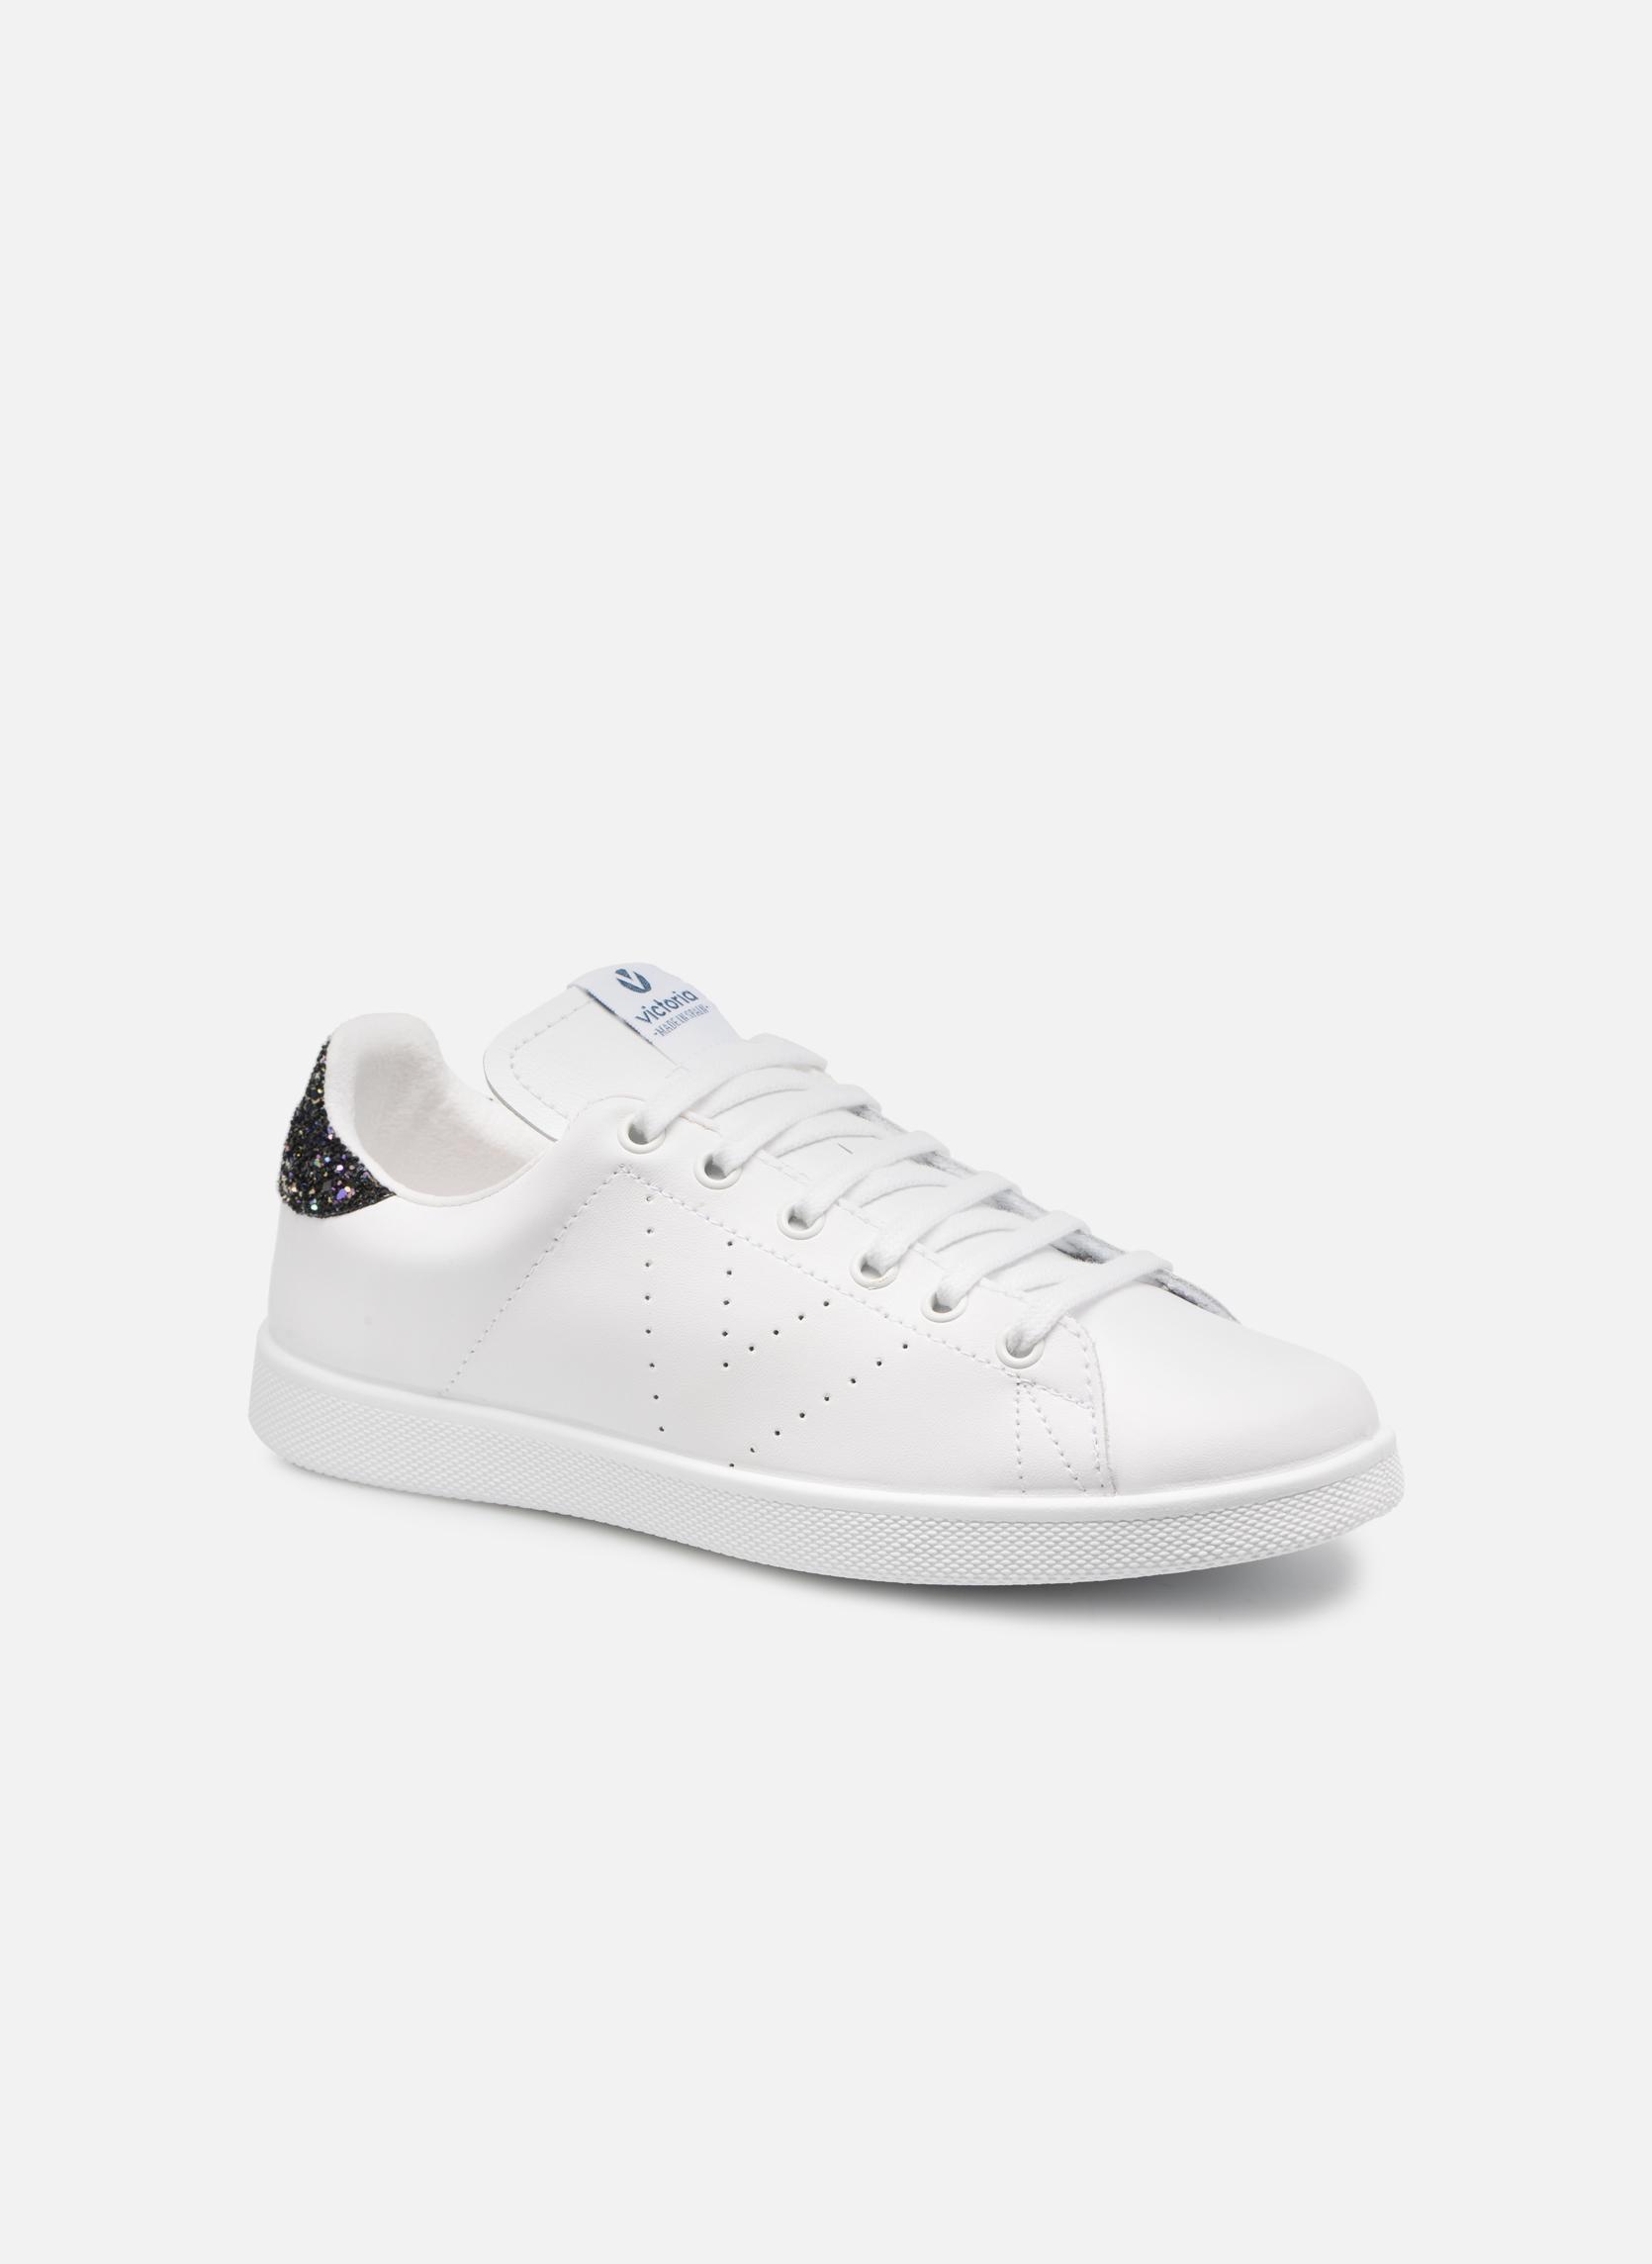 Grandes descuentos últimos zapatos Victoria Deportivo Piel (Blanco) - Deportivas Descuento